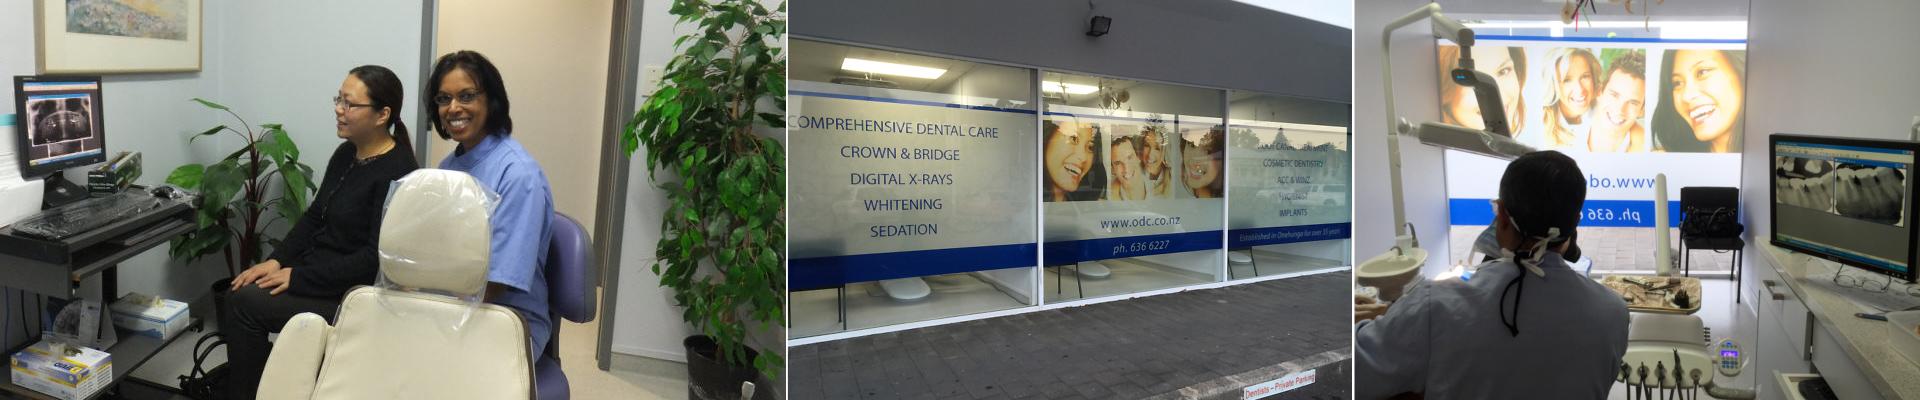 Onehunga Dental Centre